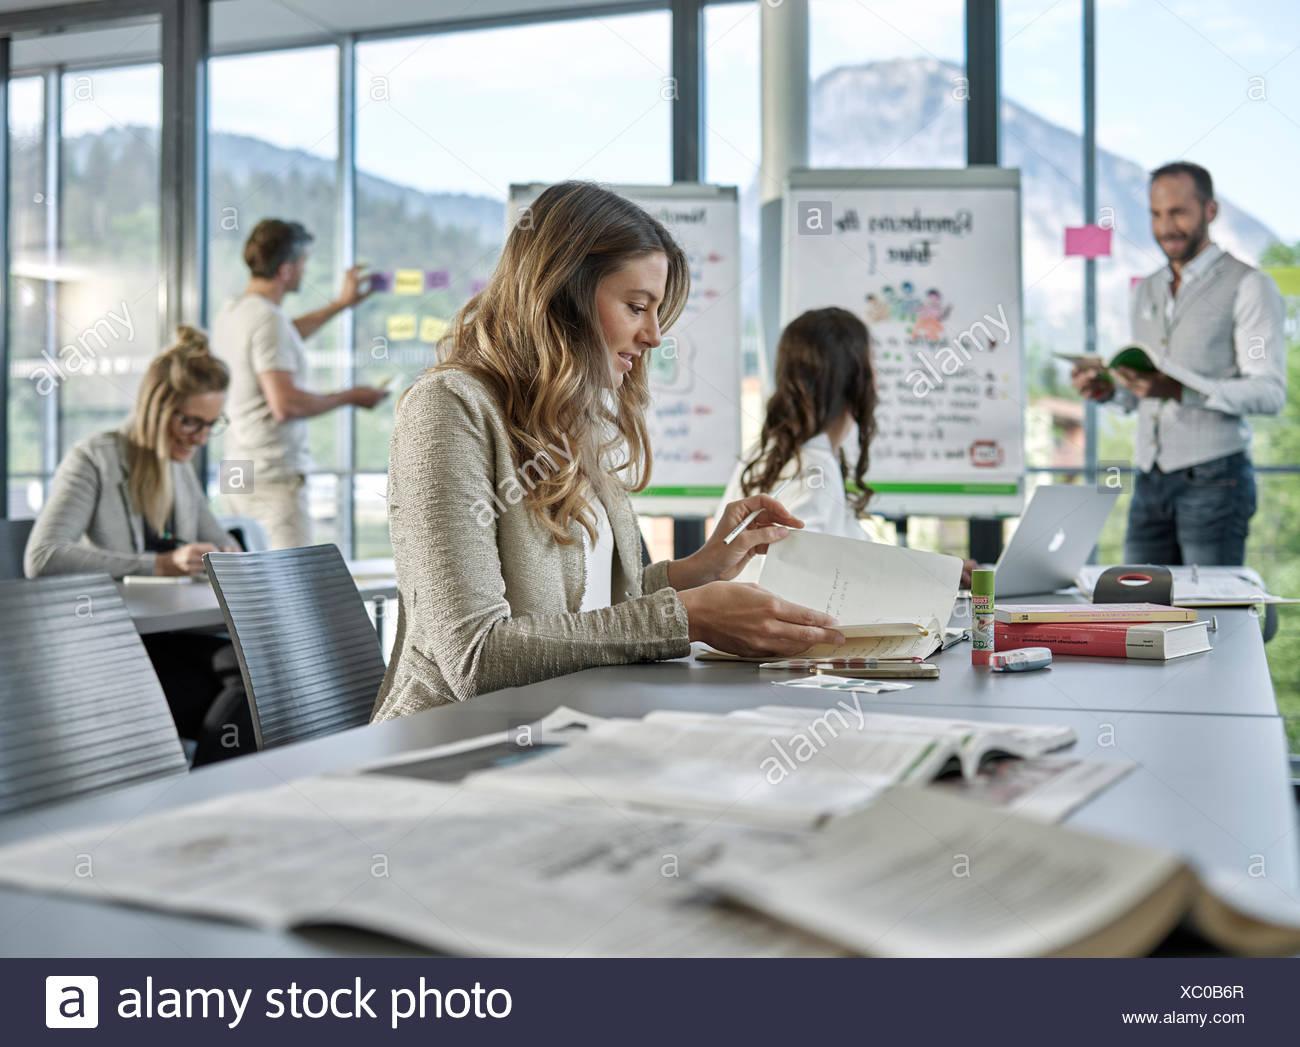 El trabajo en equipo creativo, presentación, lluvia de ideas, proyectos de trabajo, talleres, capacitación, seminarios para ejecutivos, la educación de adultos Imagen De Stock